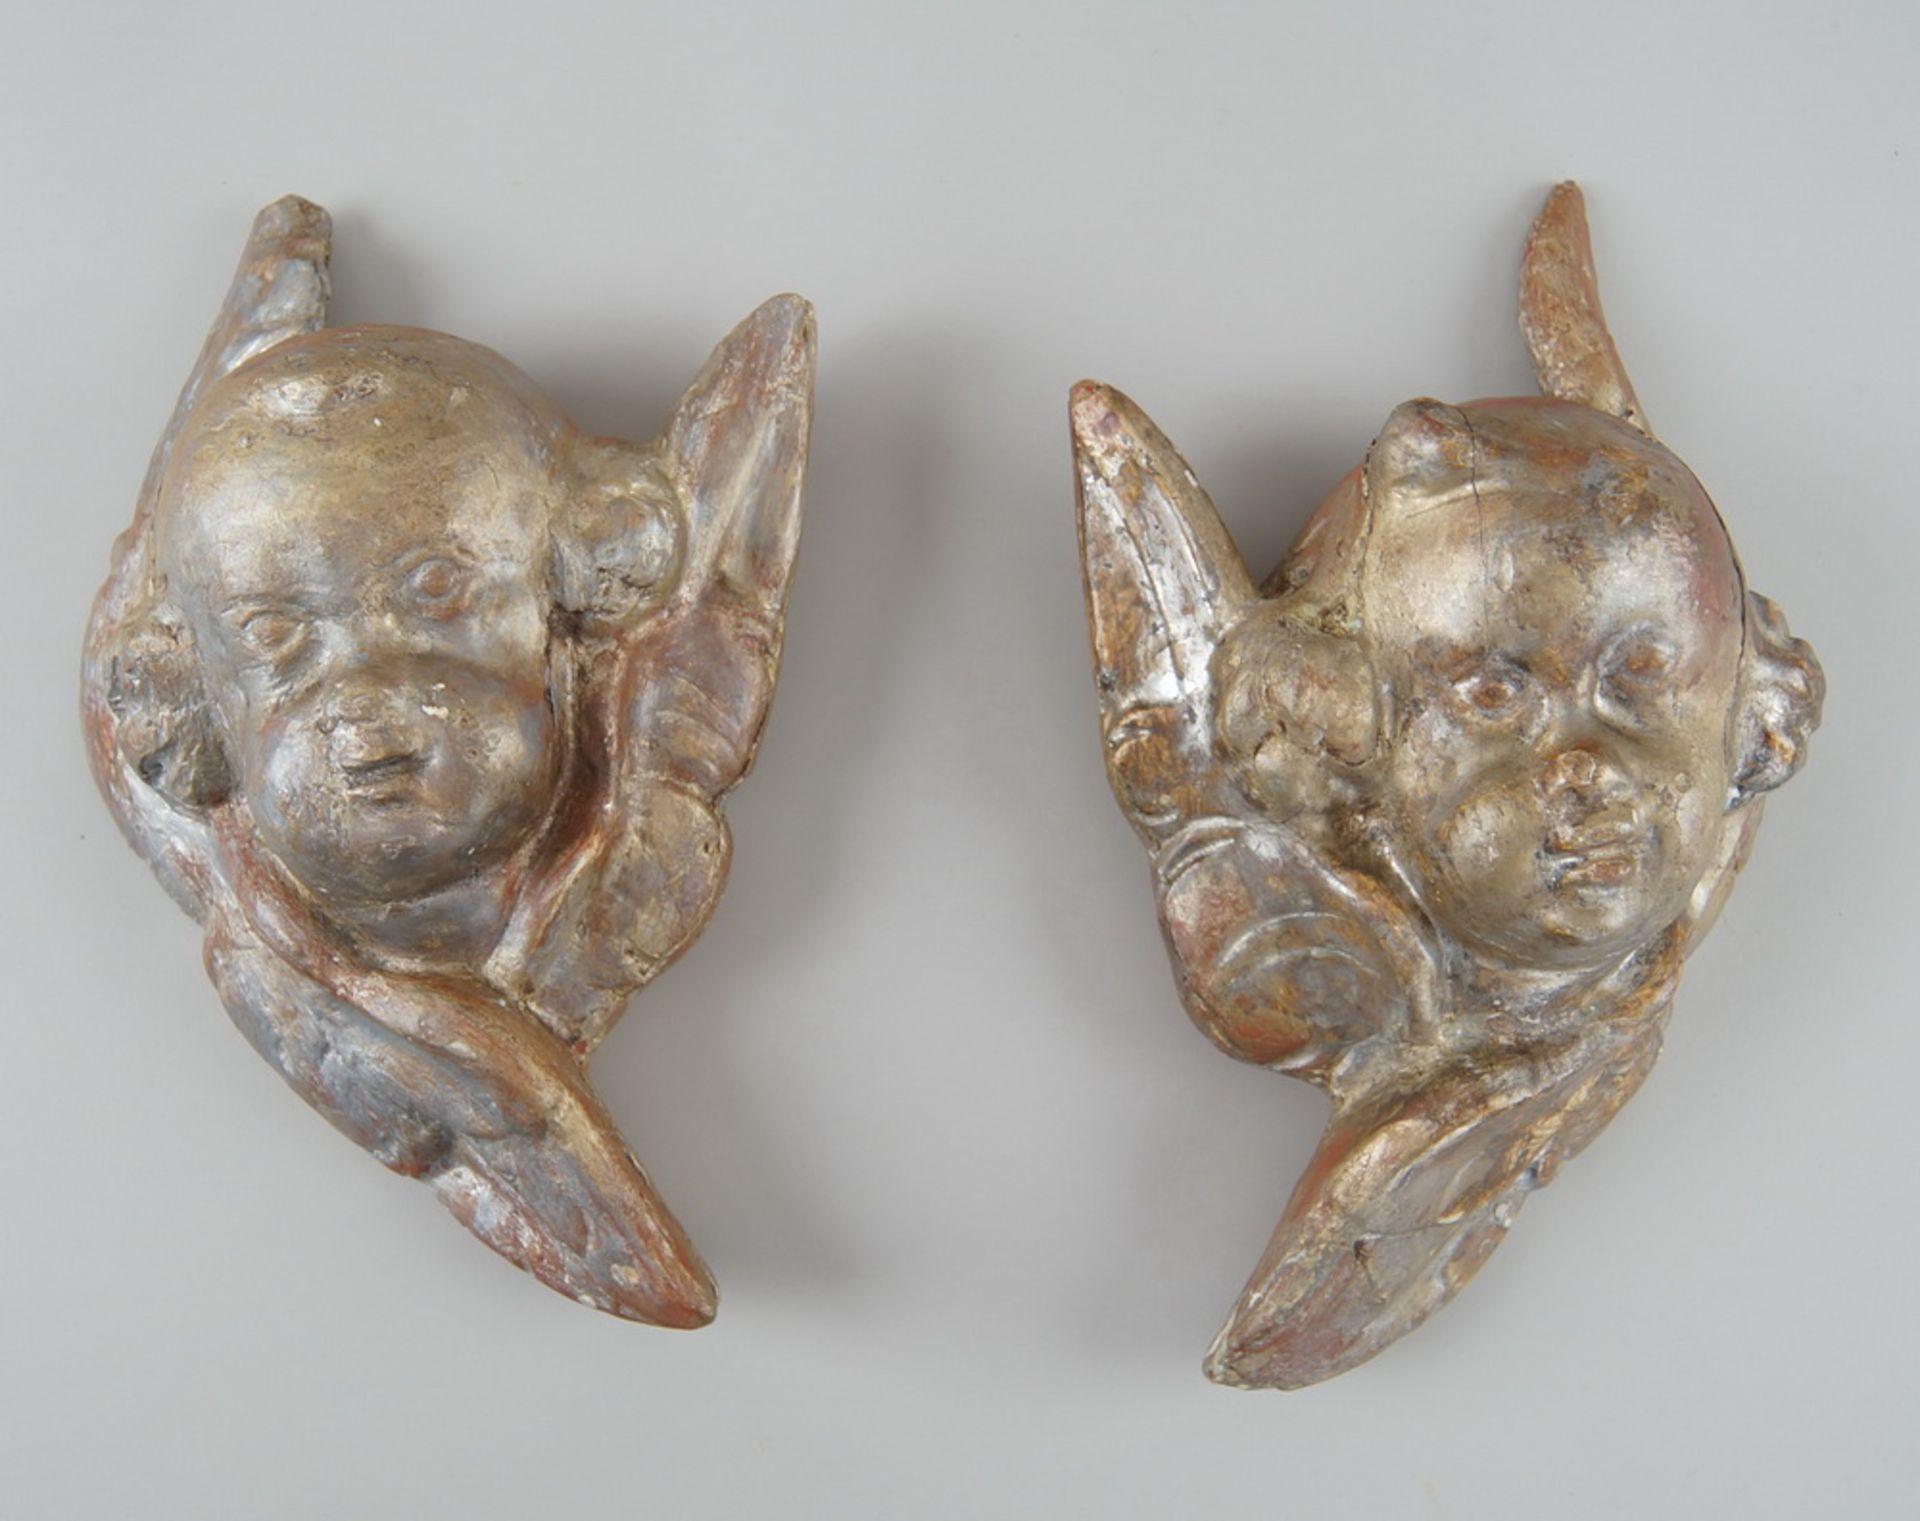 Los 18 - Paar Barock-Engelsköpfe mit Flügel, Holz geschnitzt und gefasst, 18. JH, Altersspuren, Hje 30 cm